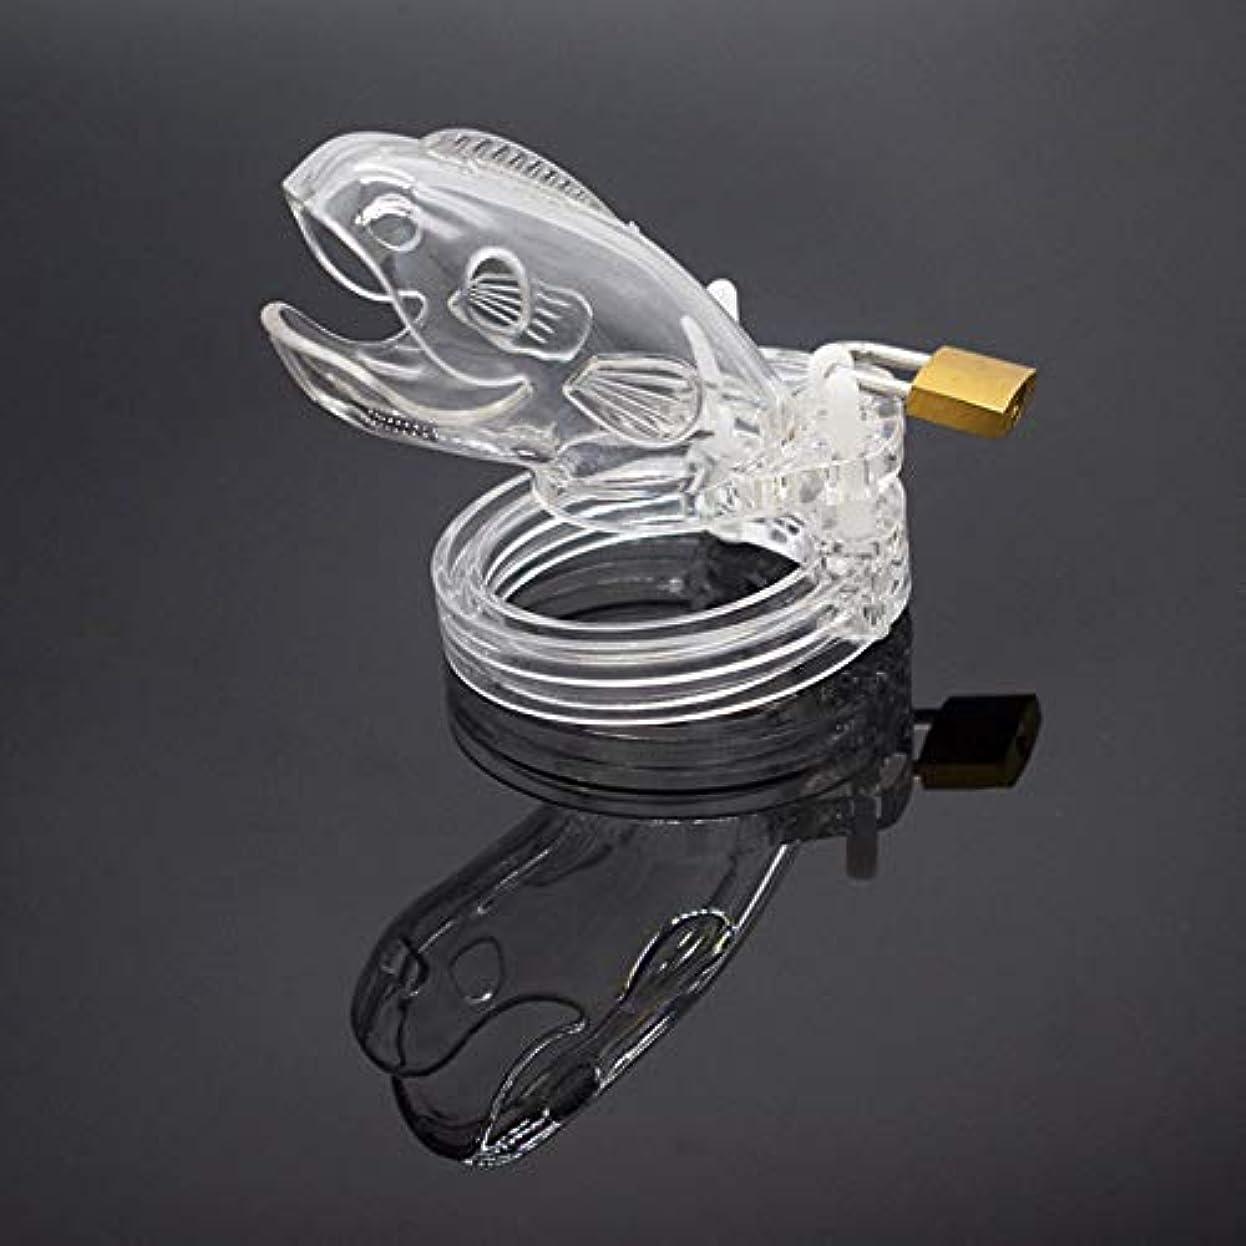 残高優遇インストールメンズマッサージケージデバイス、快適な男性透明性と透湿性洗浄装置5サイズで(3.5センチメートル、3.7Cm、4.2センチメートル、4.5センチメートル、4.8Cm)